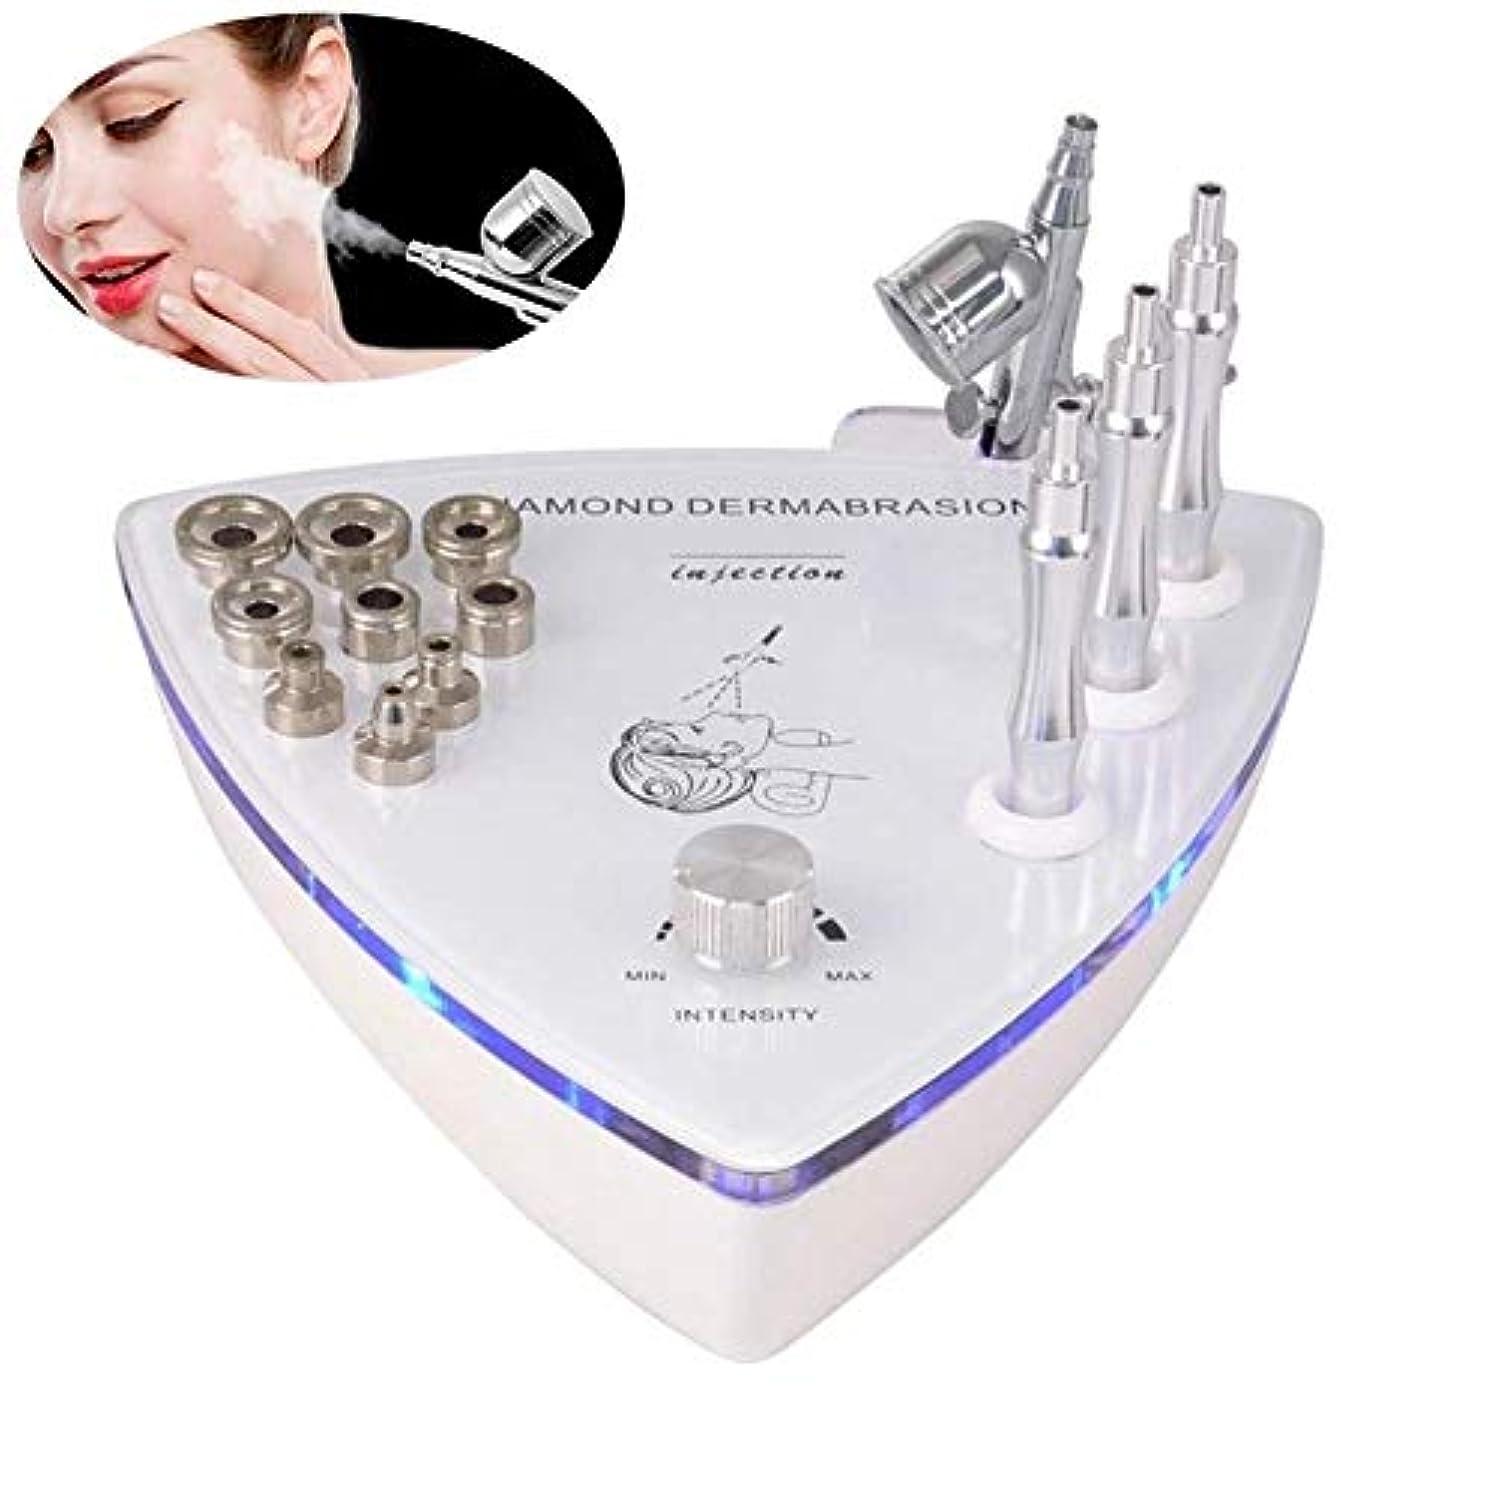 タヒチランデブータヒチダイヤモンドのマイクロダーマブレーションDermabrasionマシン、スプレーガン家庭用装備のフェイシャルスキンケア美容機器(強力な吸引力:0-68cmHg)